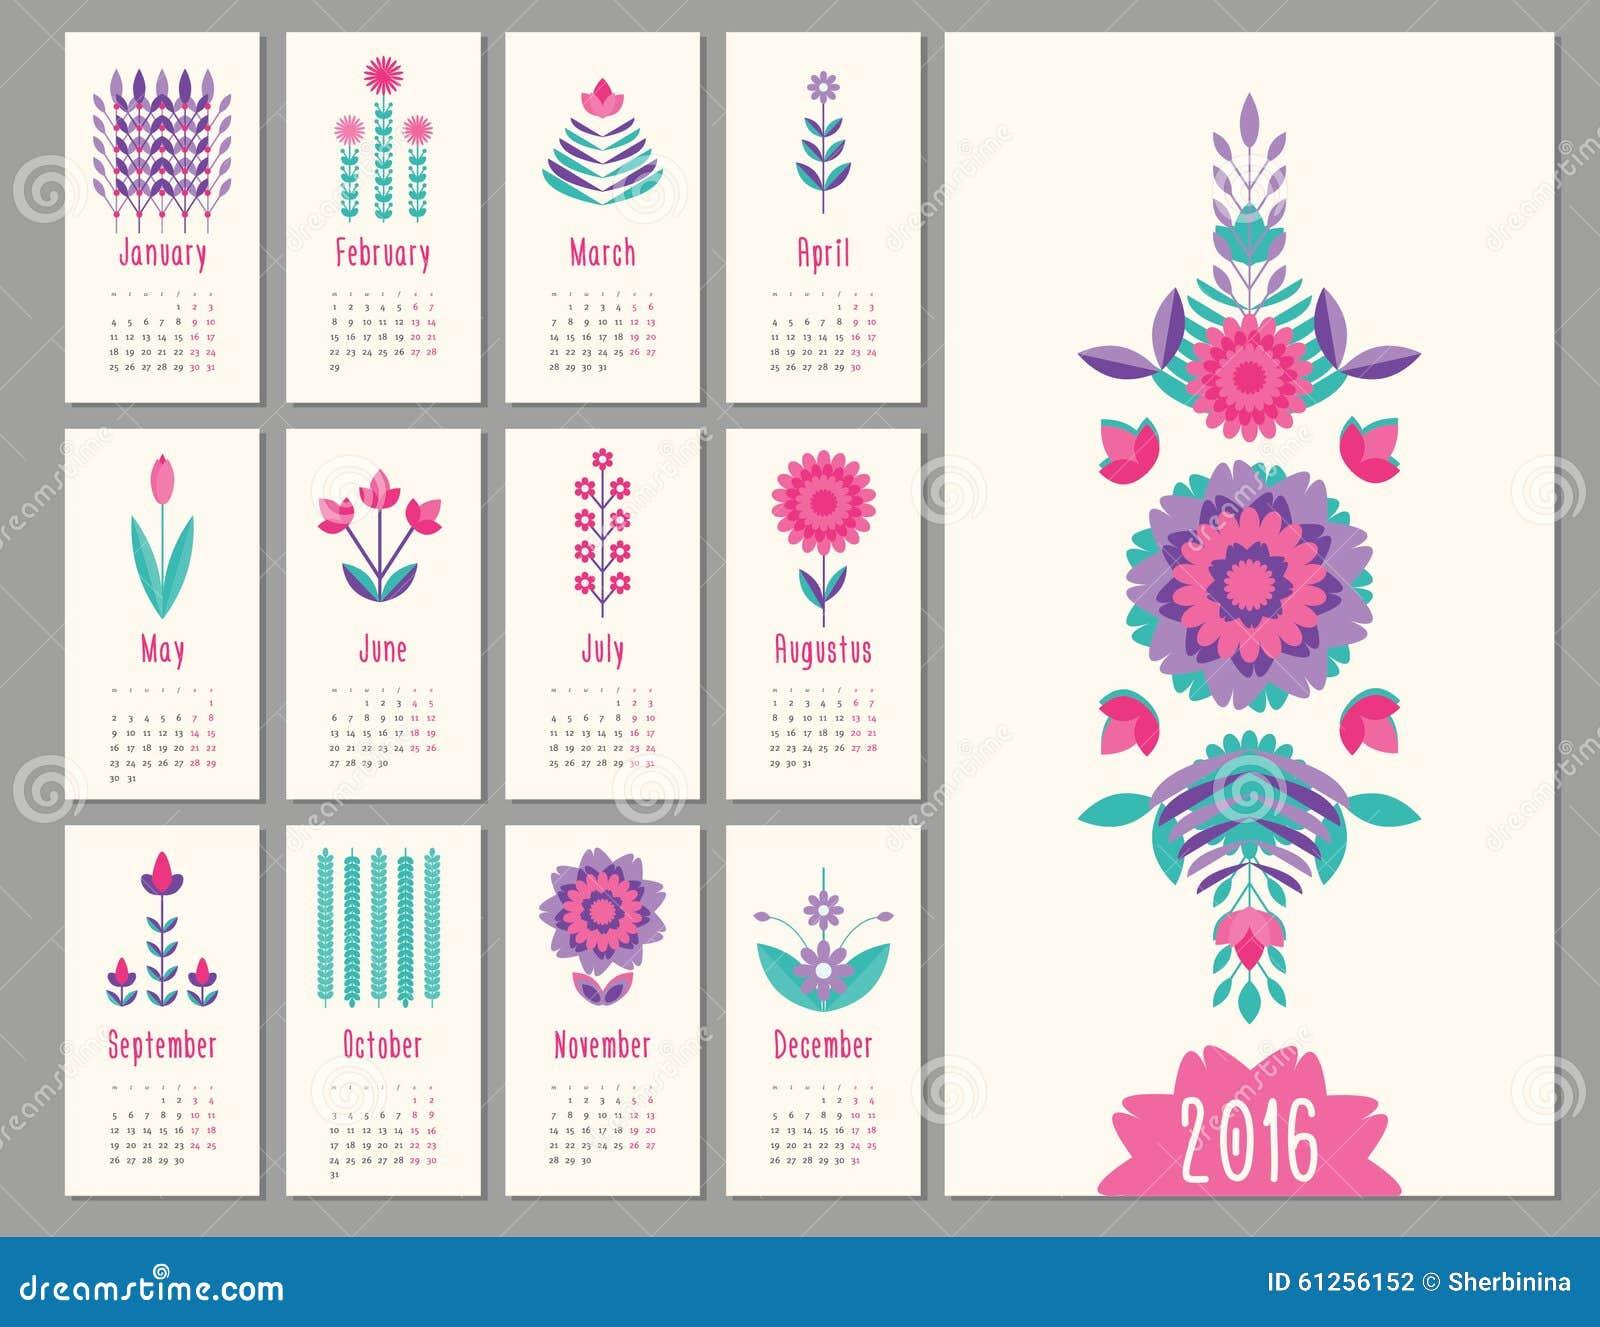 Mini Calendario.Mini Calendario Floral 2016 Ilustracion Del Vector